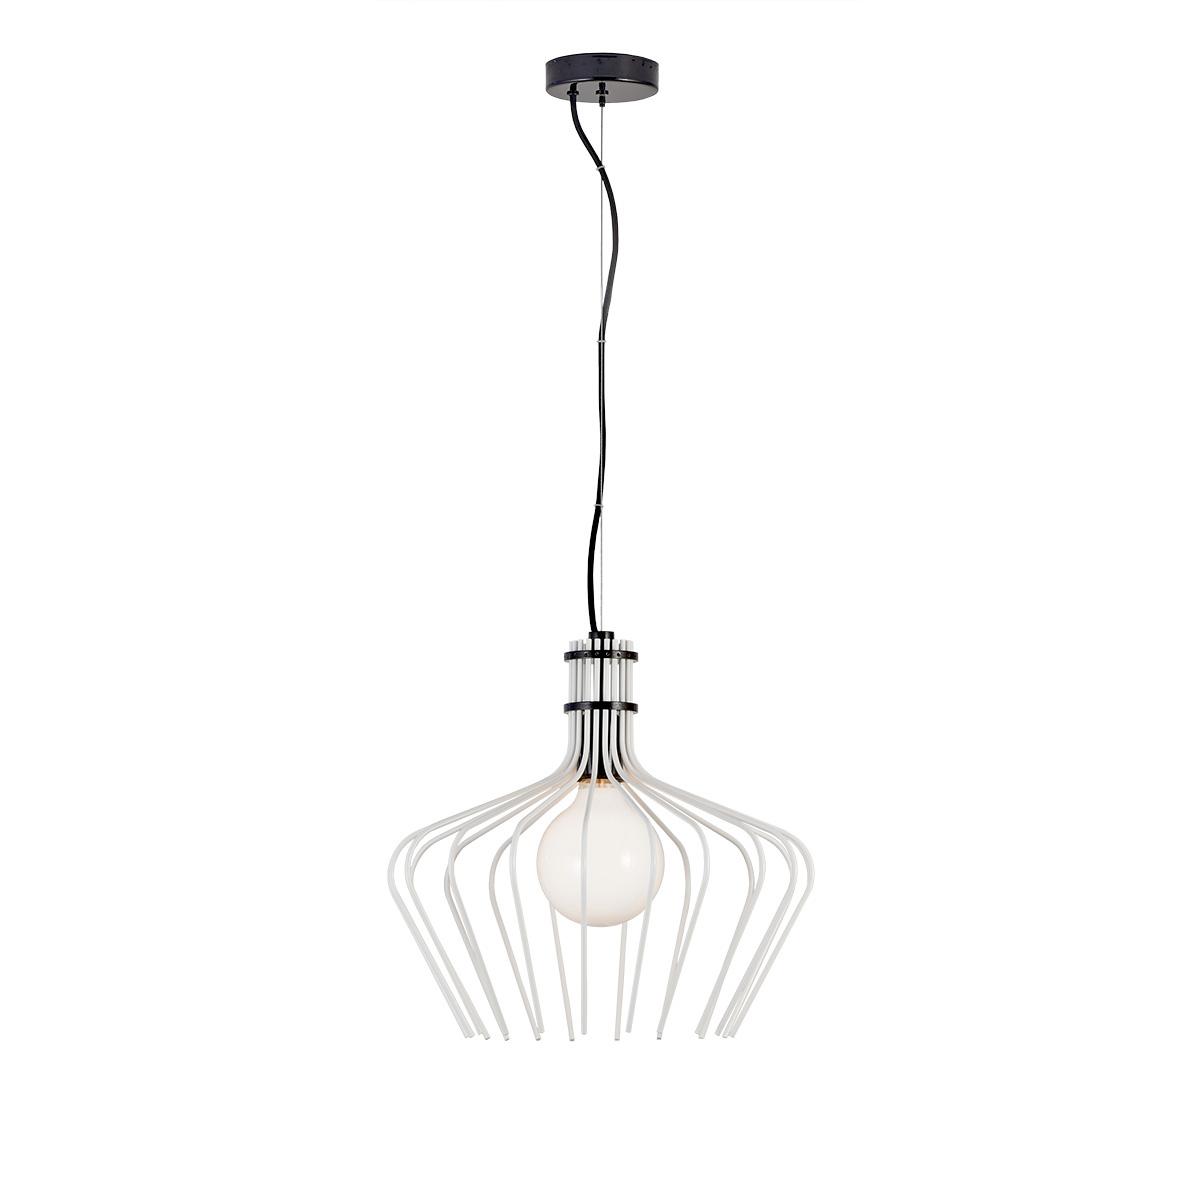 Μοντέρνο δίχρωμο φωτιστικό CELLI II modern bi-colored suspension lamp